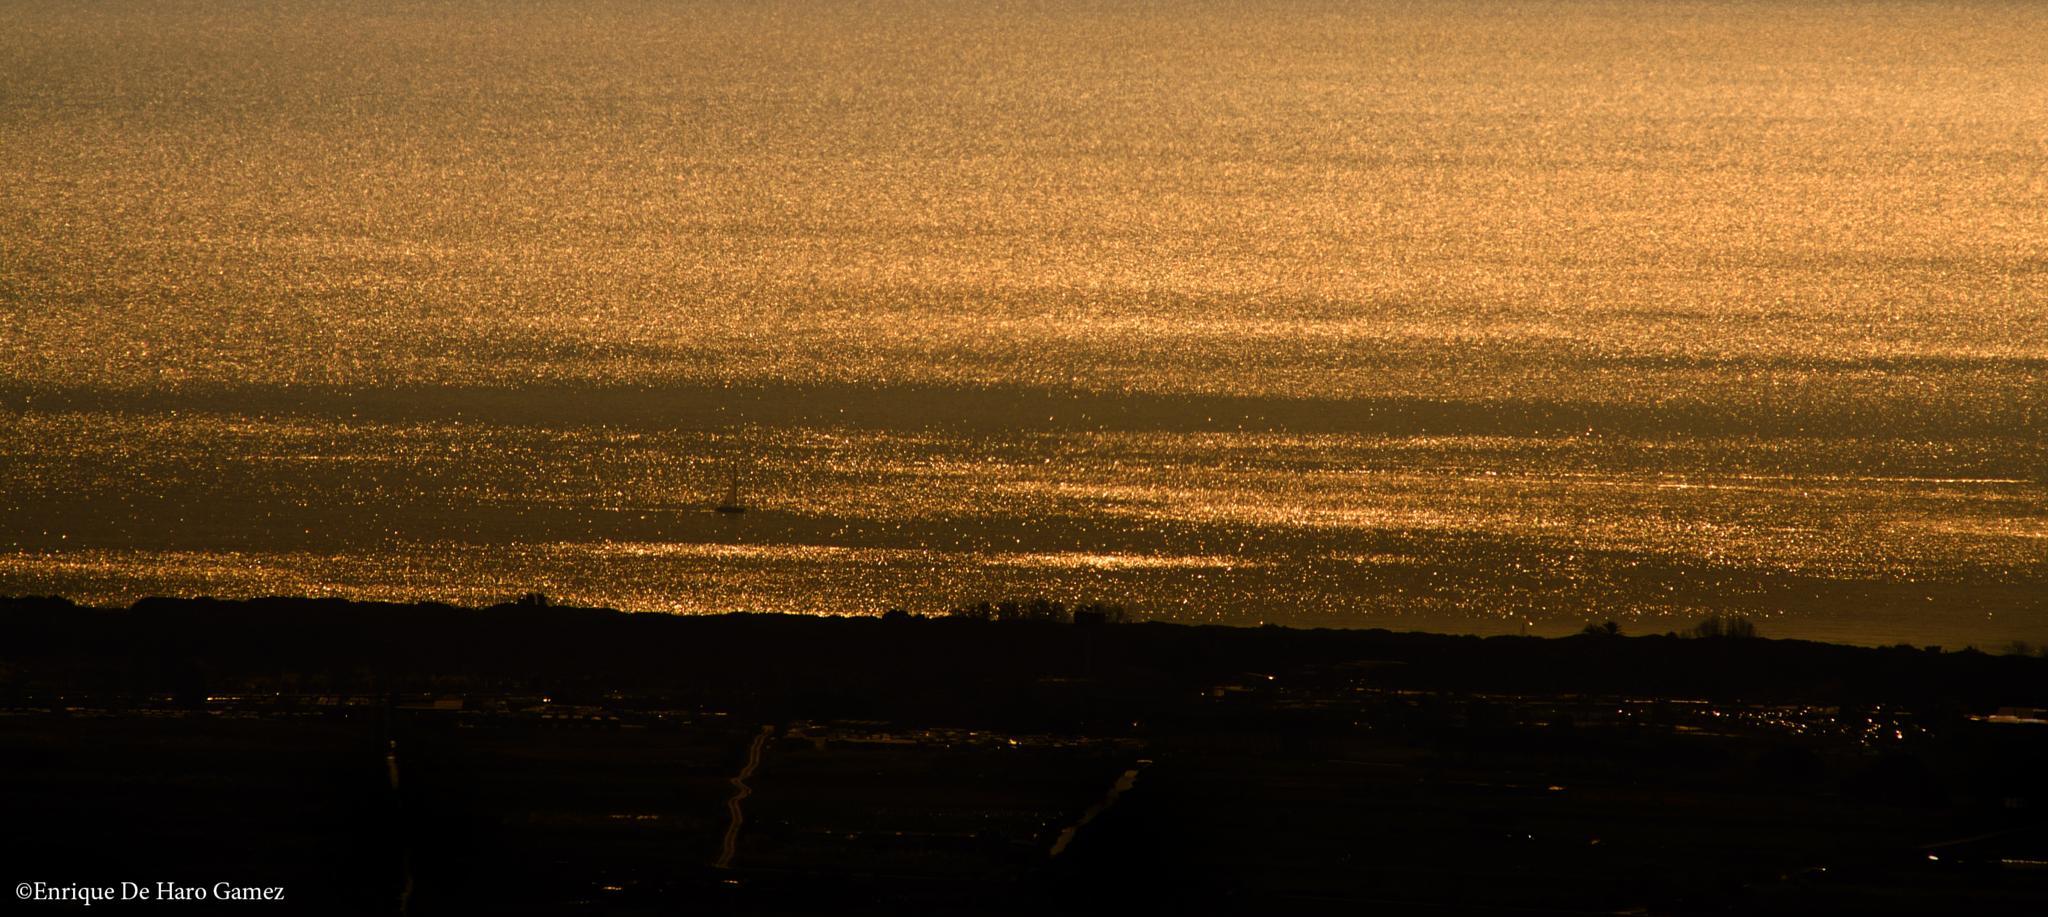 Winter gold sea. by Enrique de haro gamez